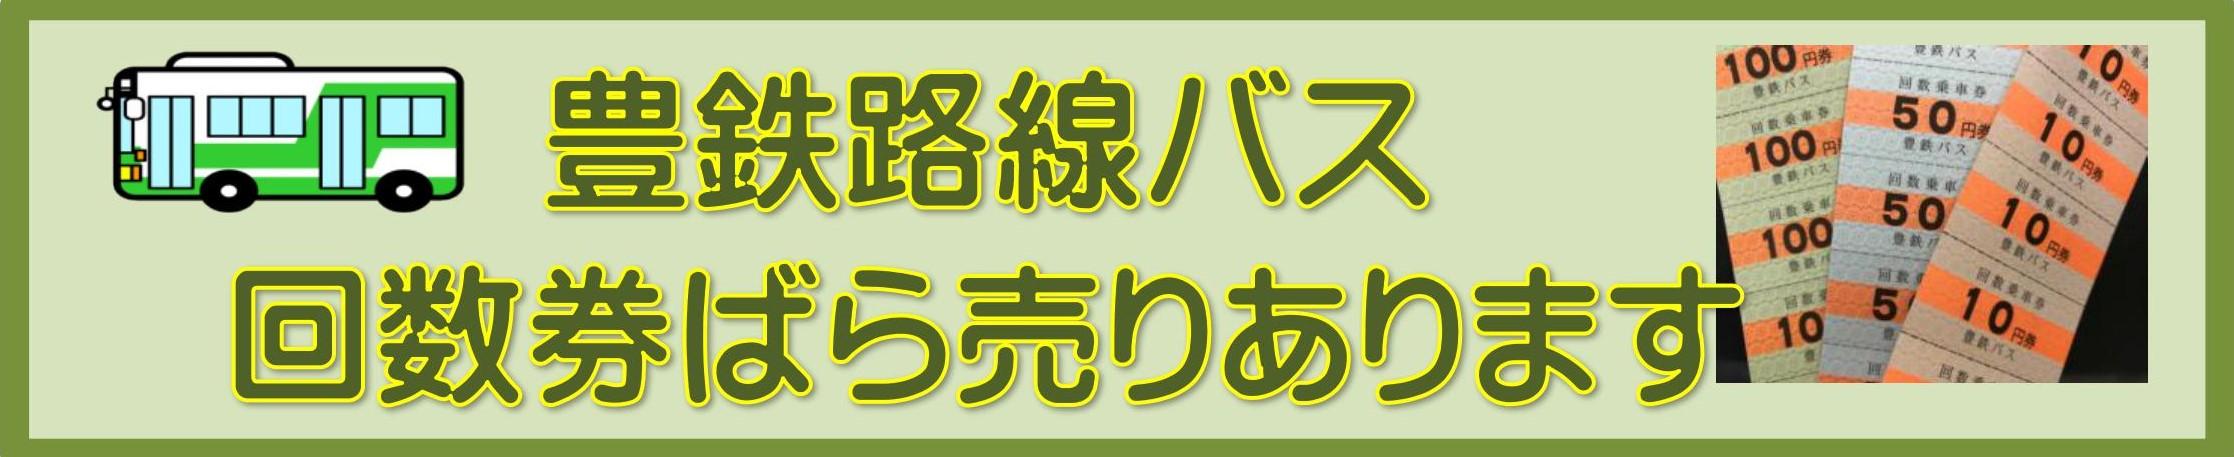 豊橋金券ショップフリーチケット|豊鉄路線バス回数券